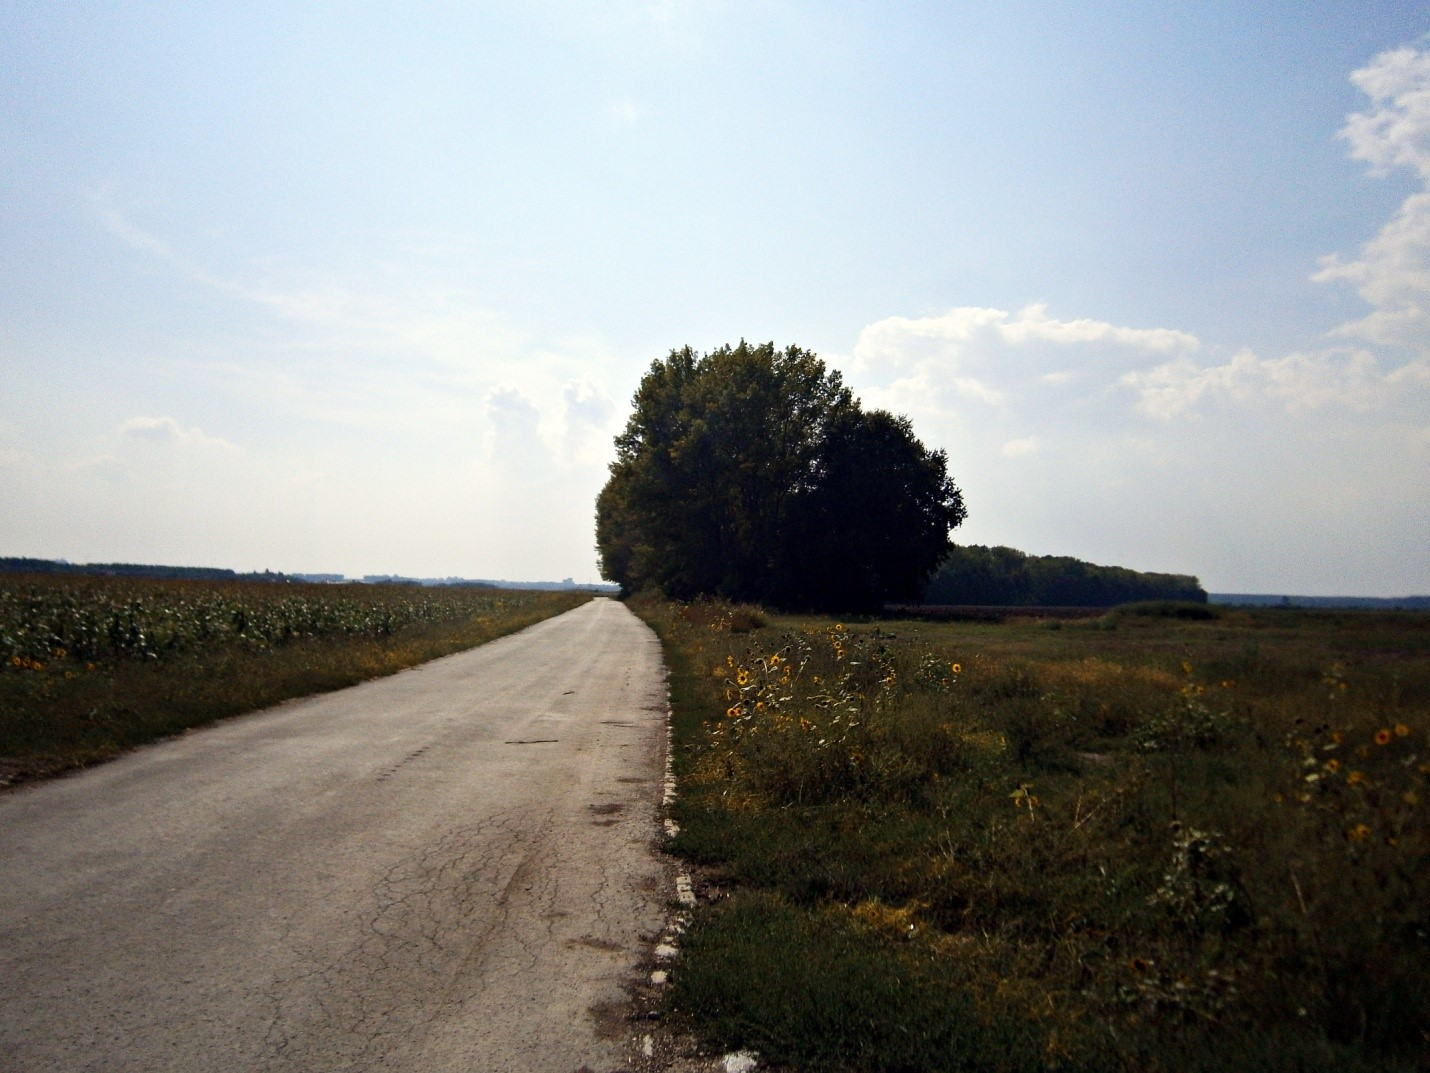 borca-ovca-jabucki-glogonjski-padinska-skela-kovilovo-crvenka-borca-kovilovo-crvenka-2015-09-04